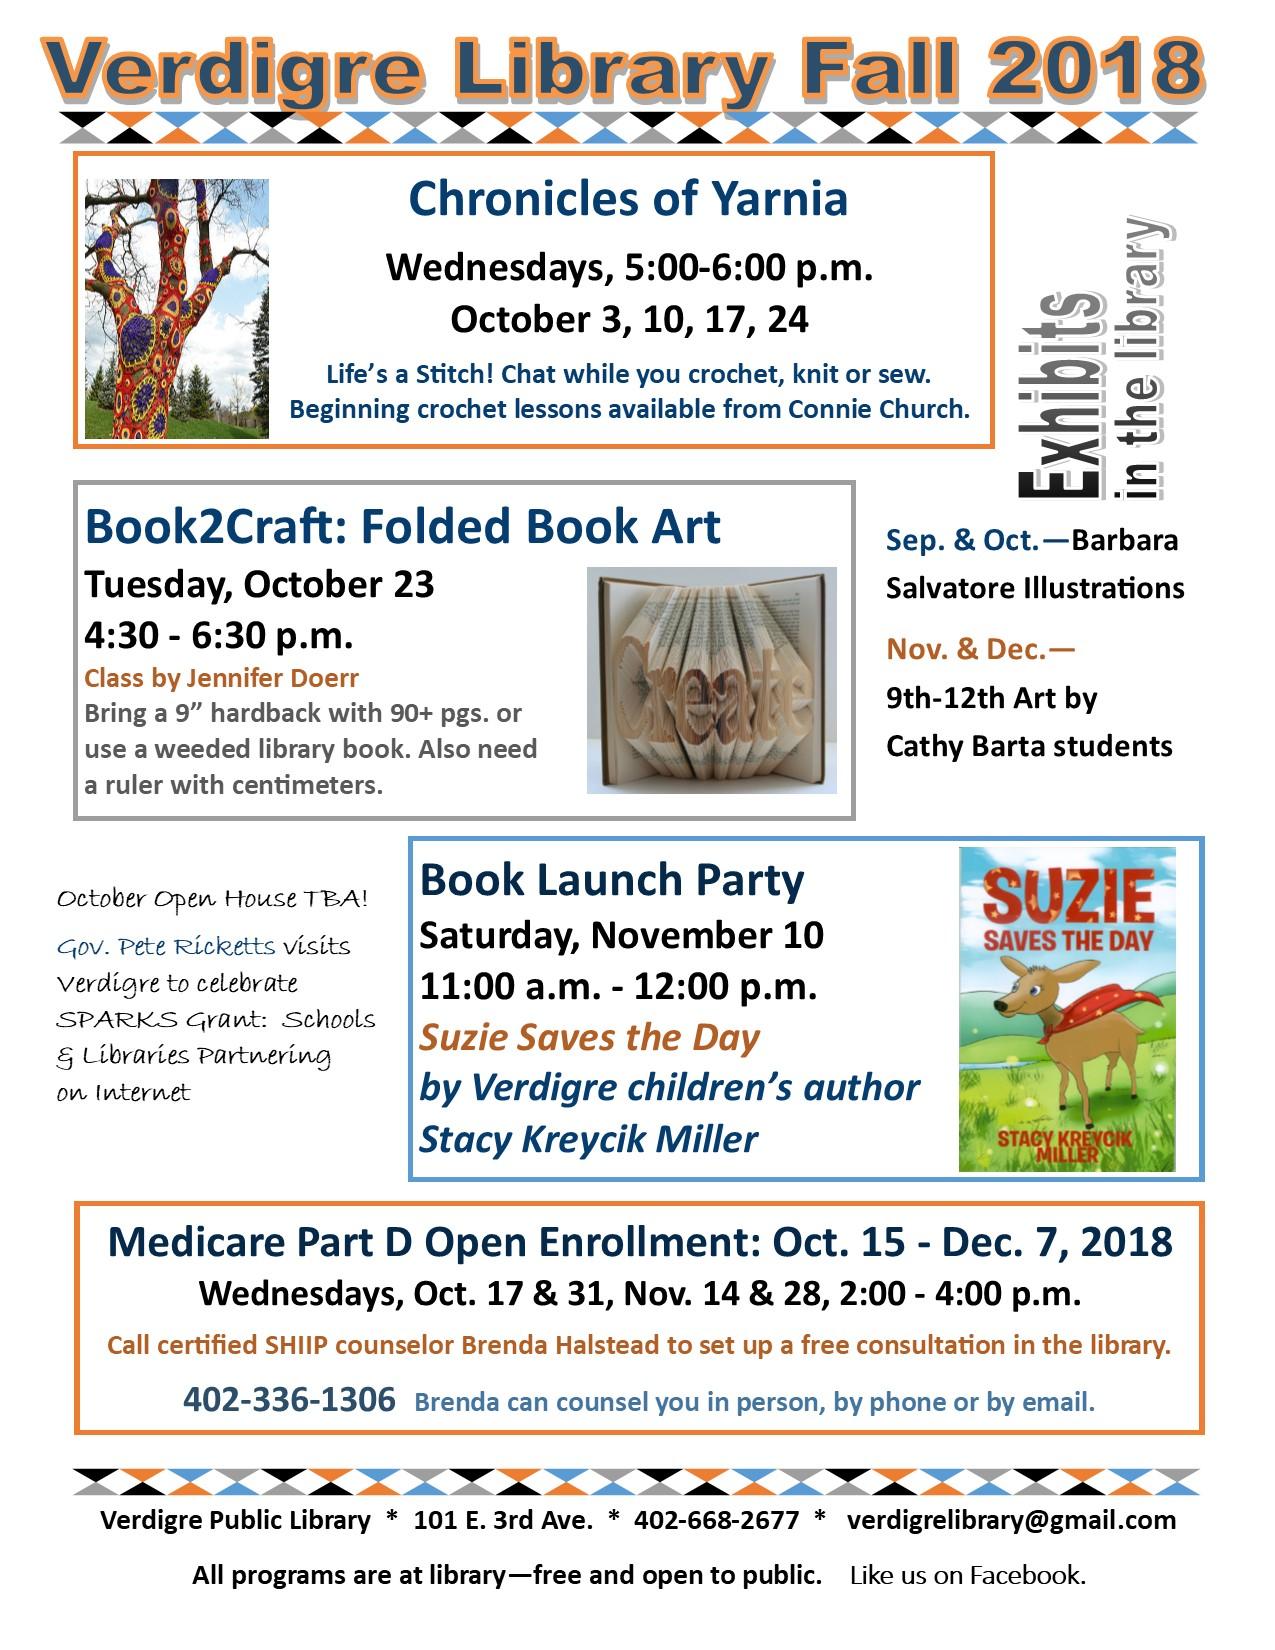 Oct-Nov 2018 programs